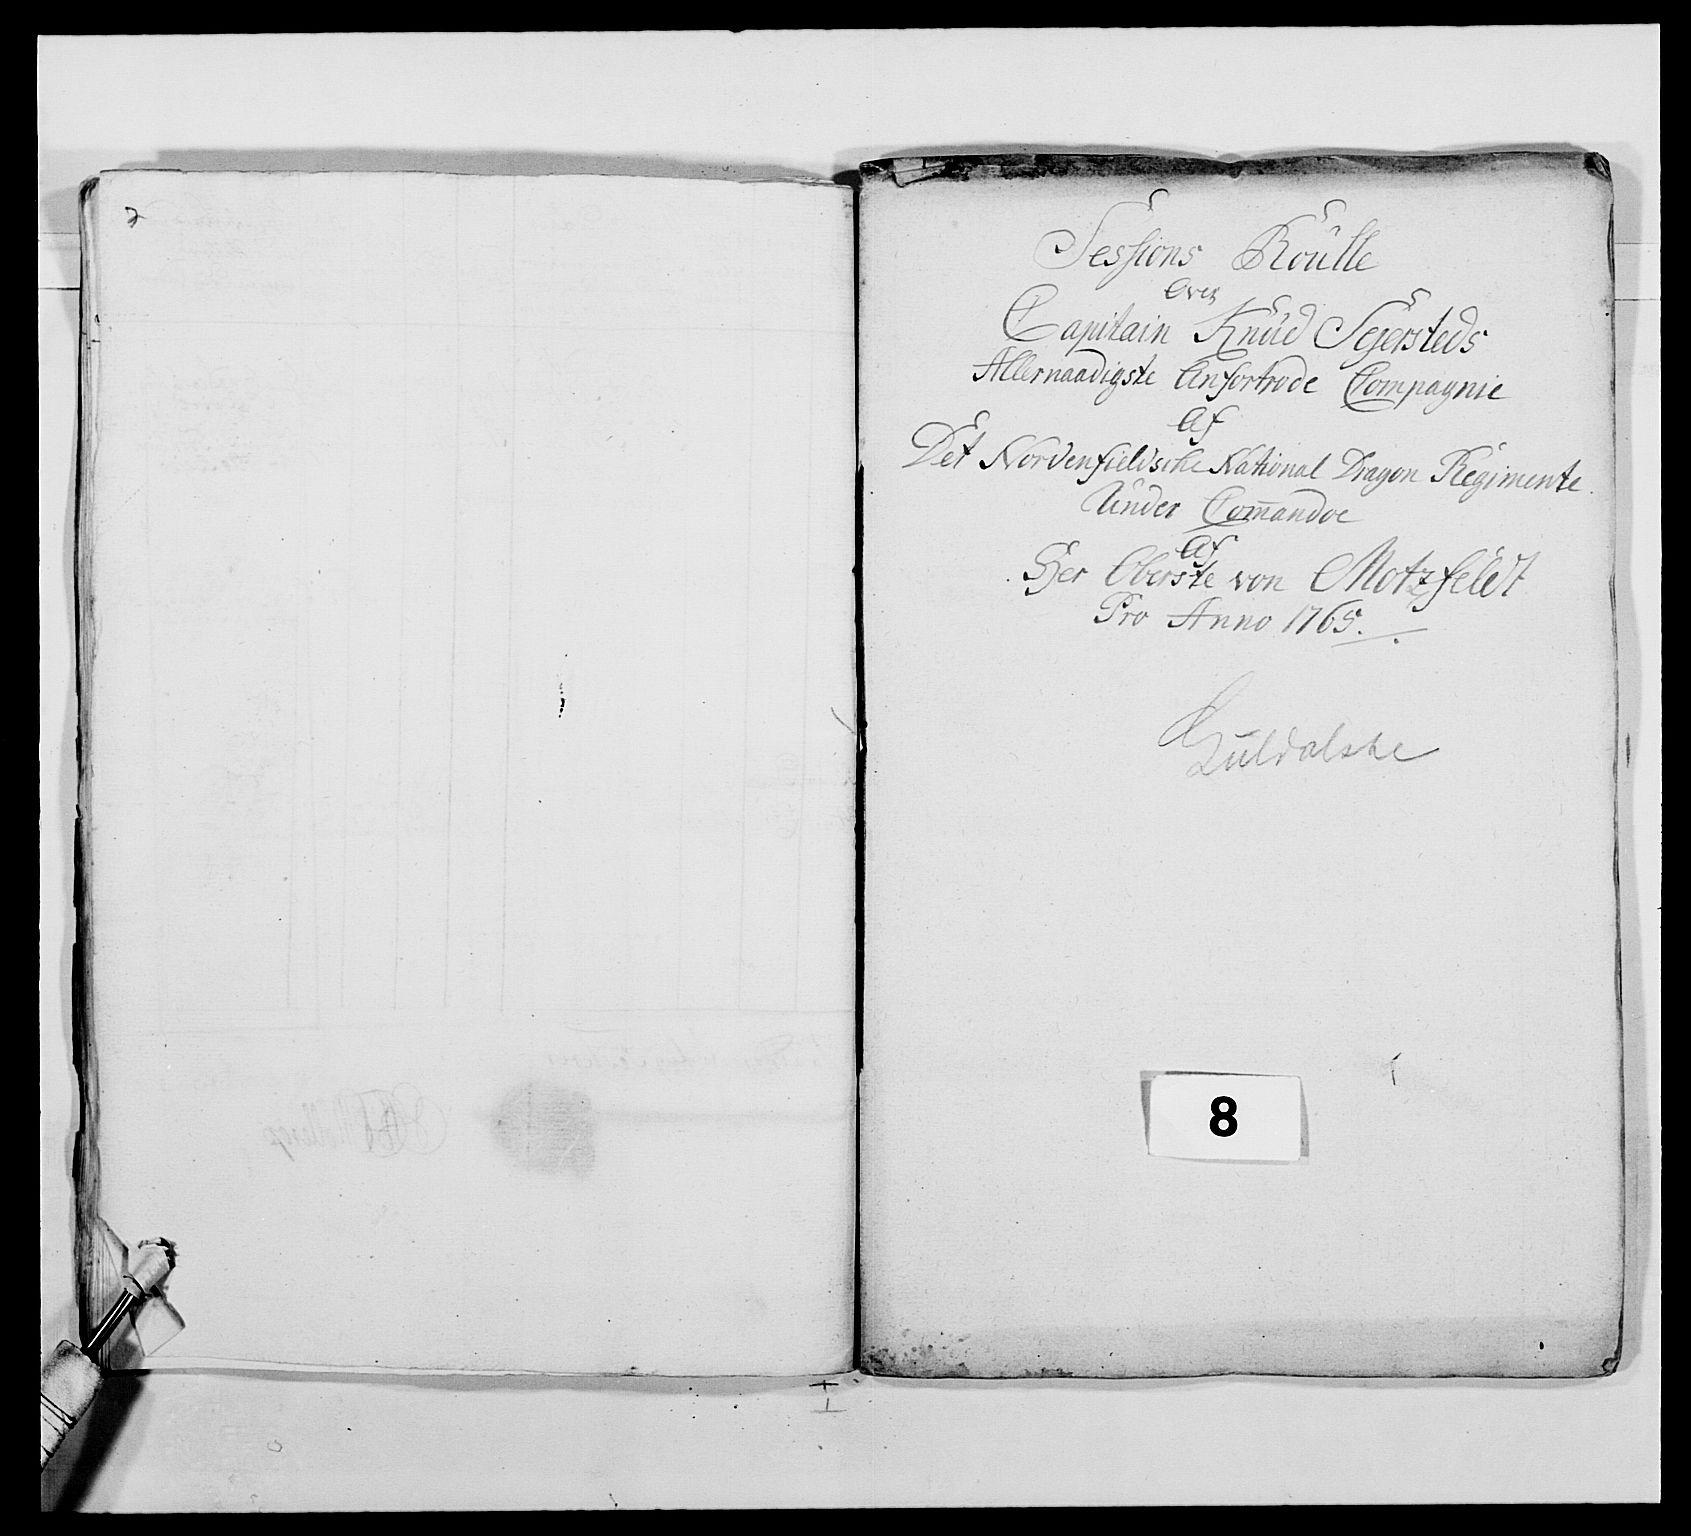 RA, Kommanderende general (KG I) med Det norske krigsdirektorium, E/Ea/L0483: Nordafjelske dragonregiment, 1765-1767, s. 165